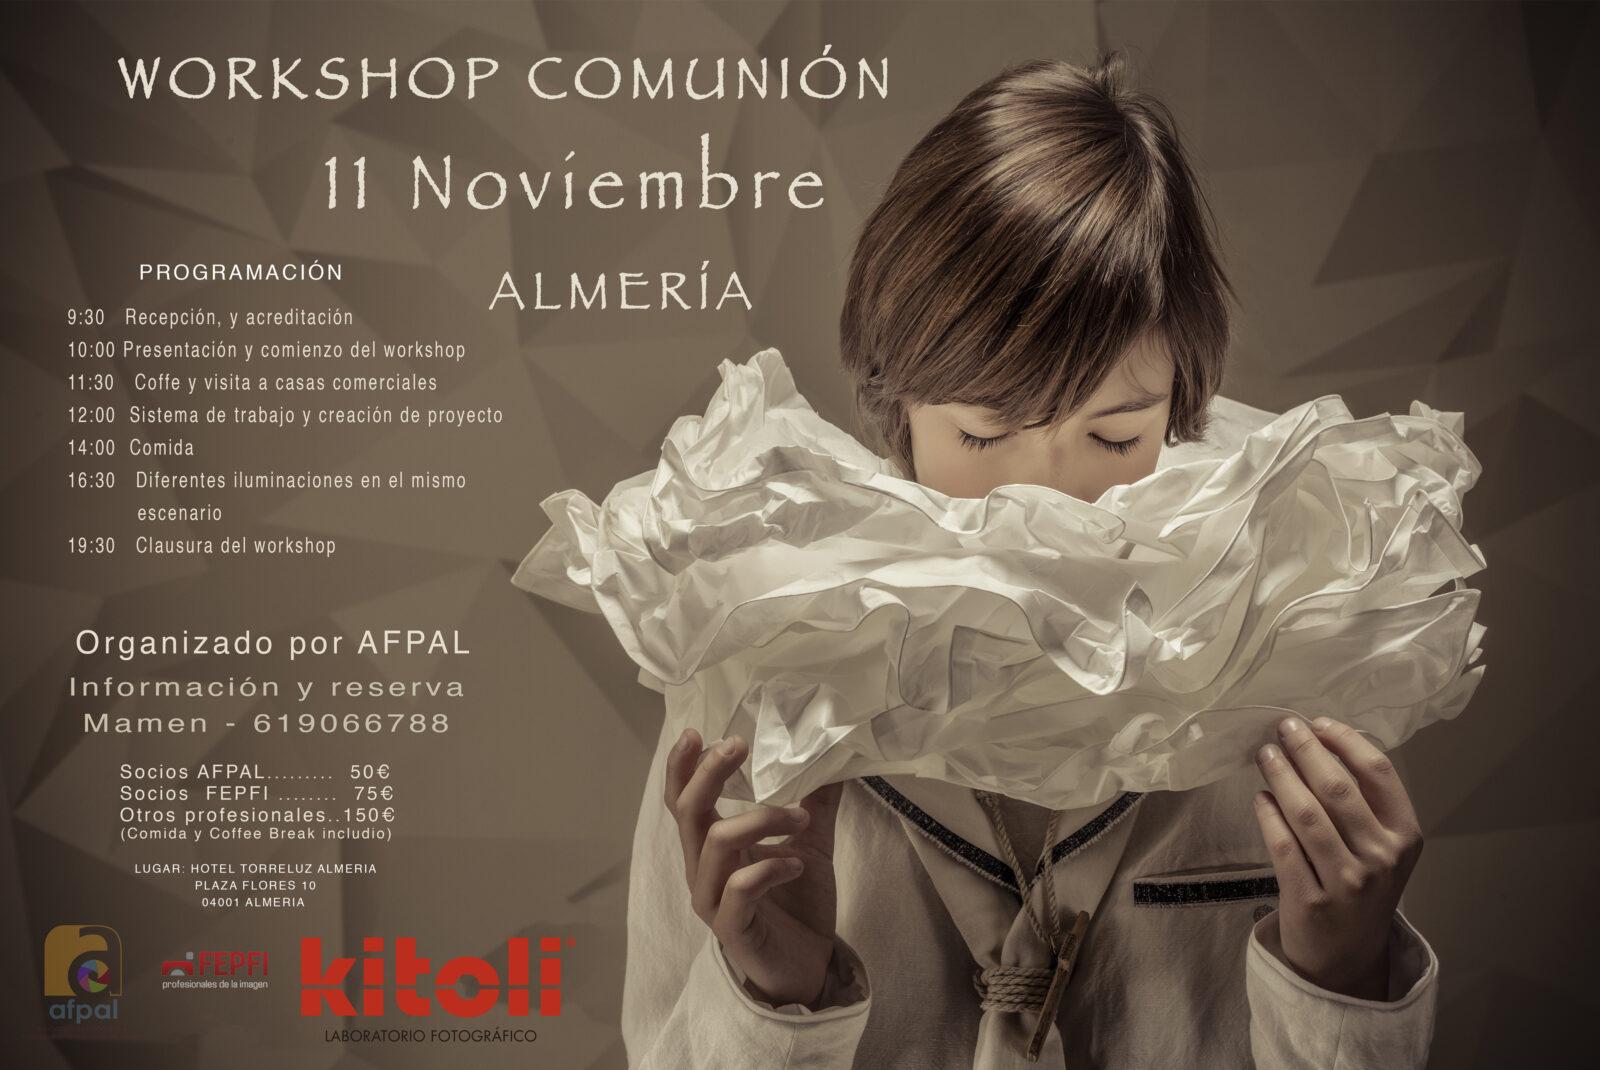 Workshop de Comunión con Dolores Martínez por AFPAL Almeria